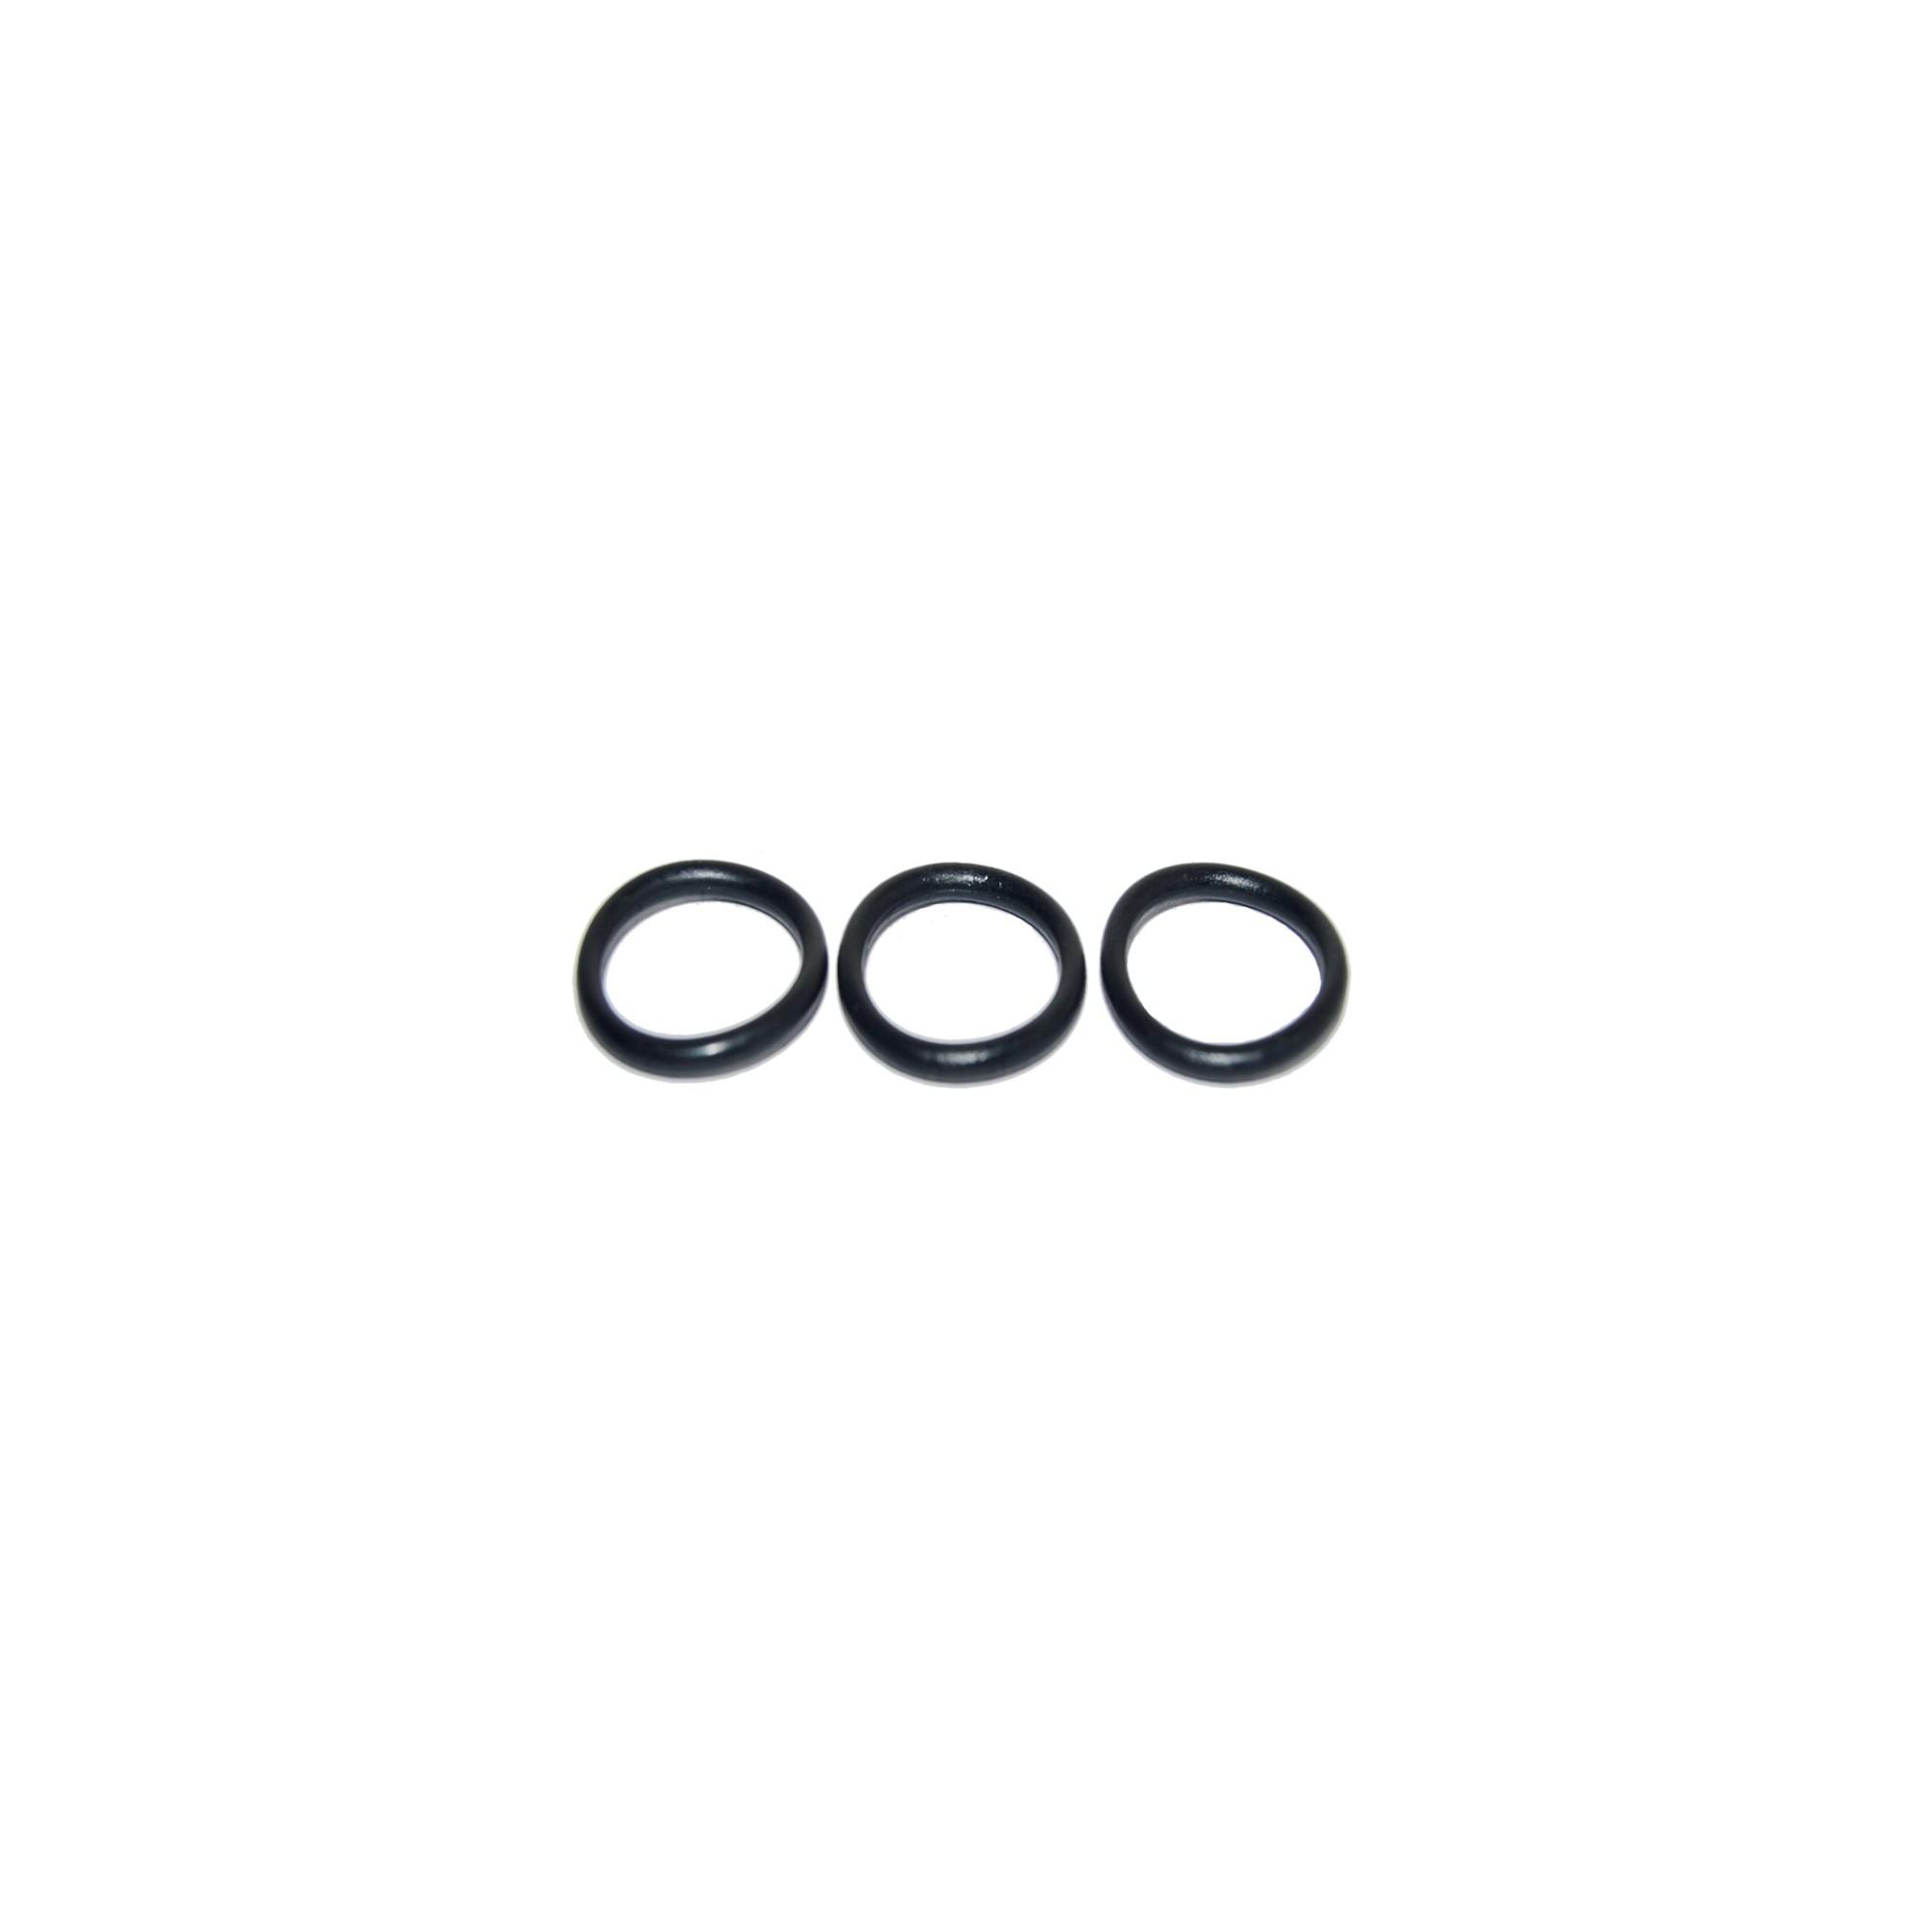 Упаковка резиновых прокладок 100 шт кольцо на импортный гусак плоский 18мм*14мм*2мм J.G. - 1